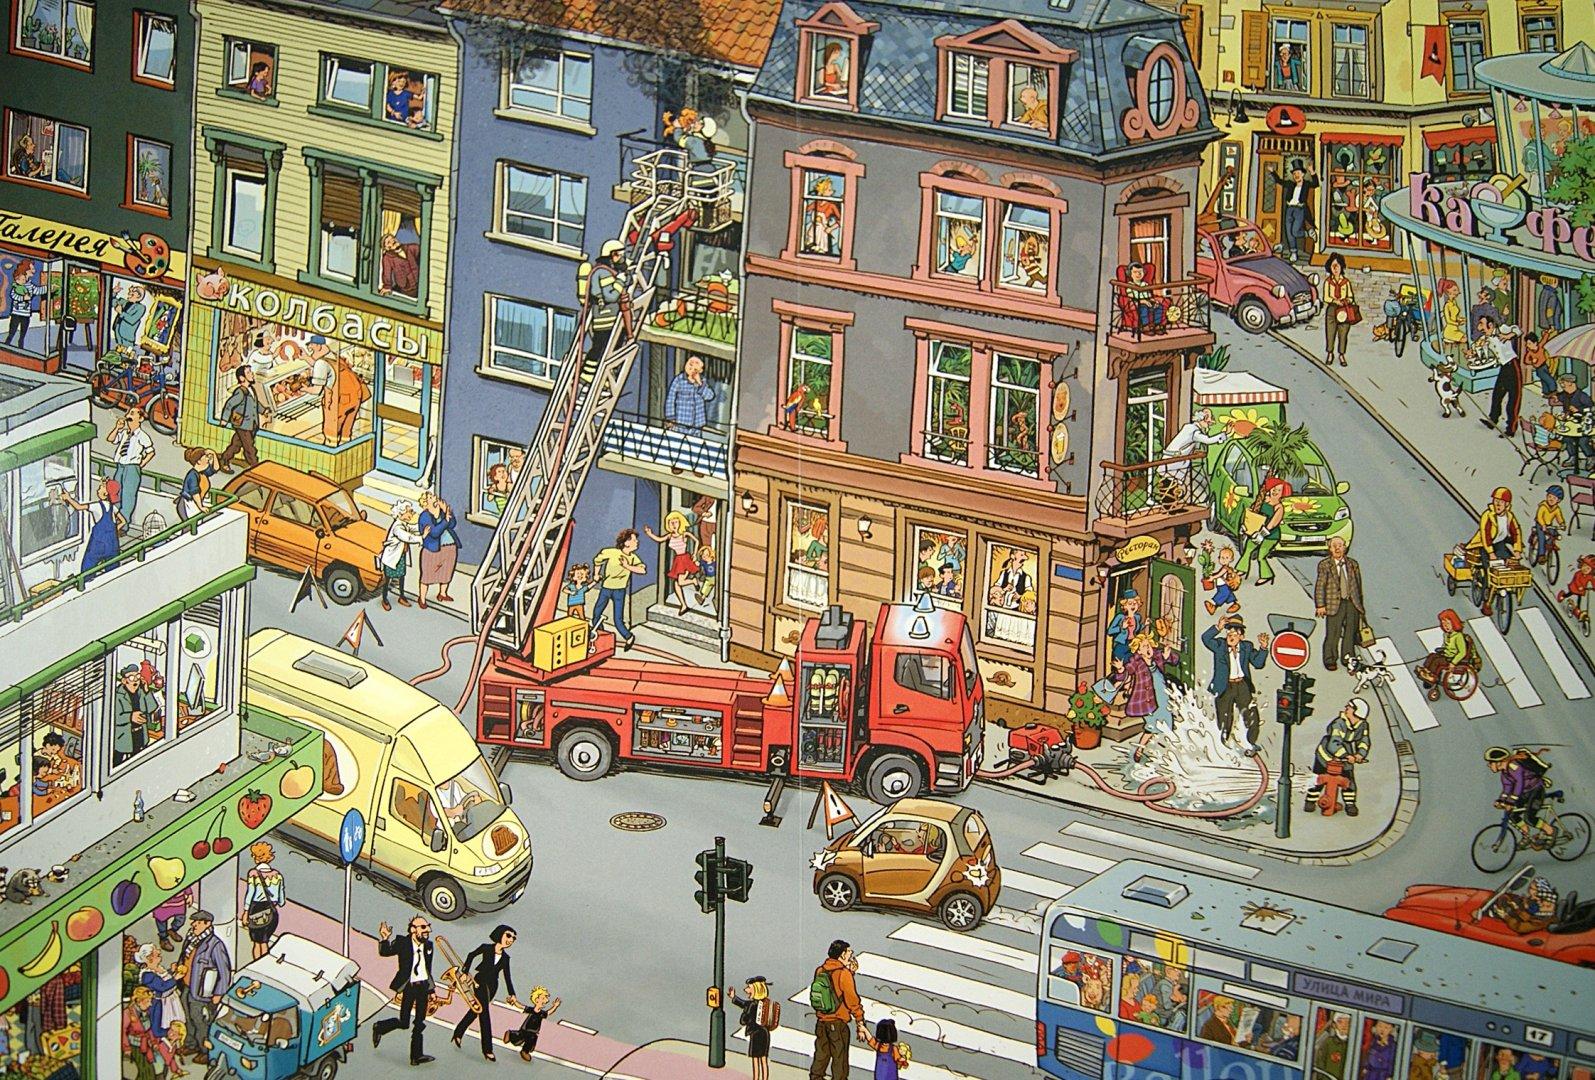 улица из книг картинки действие игры